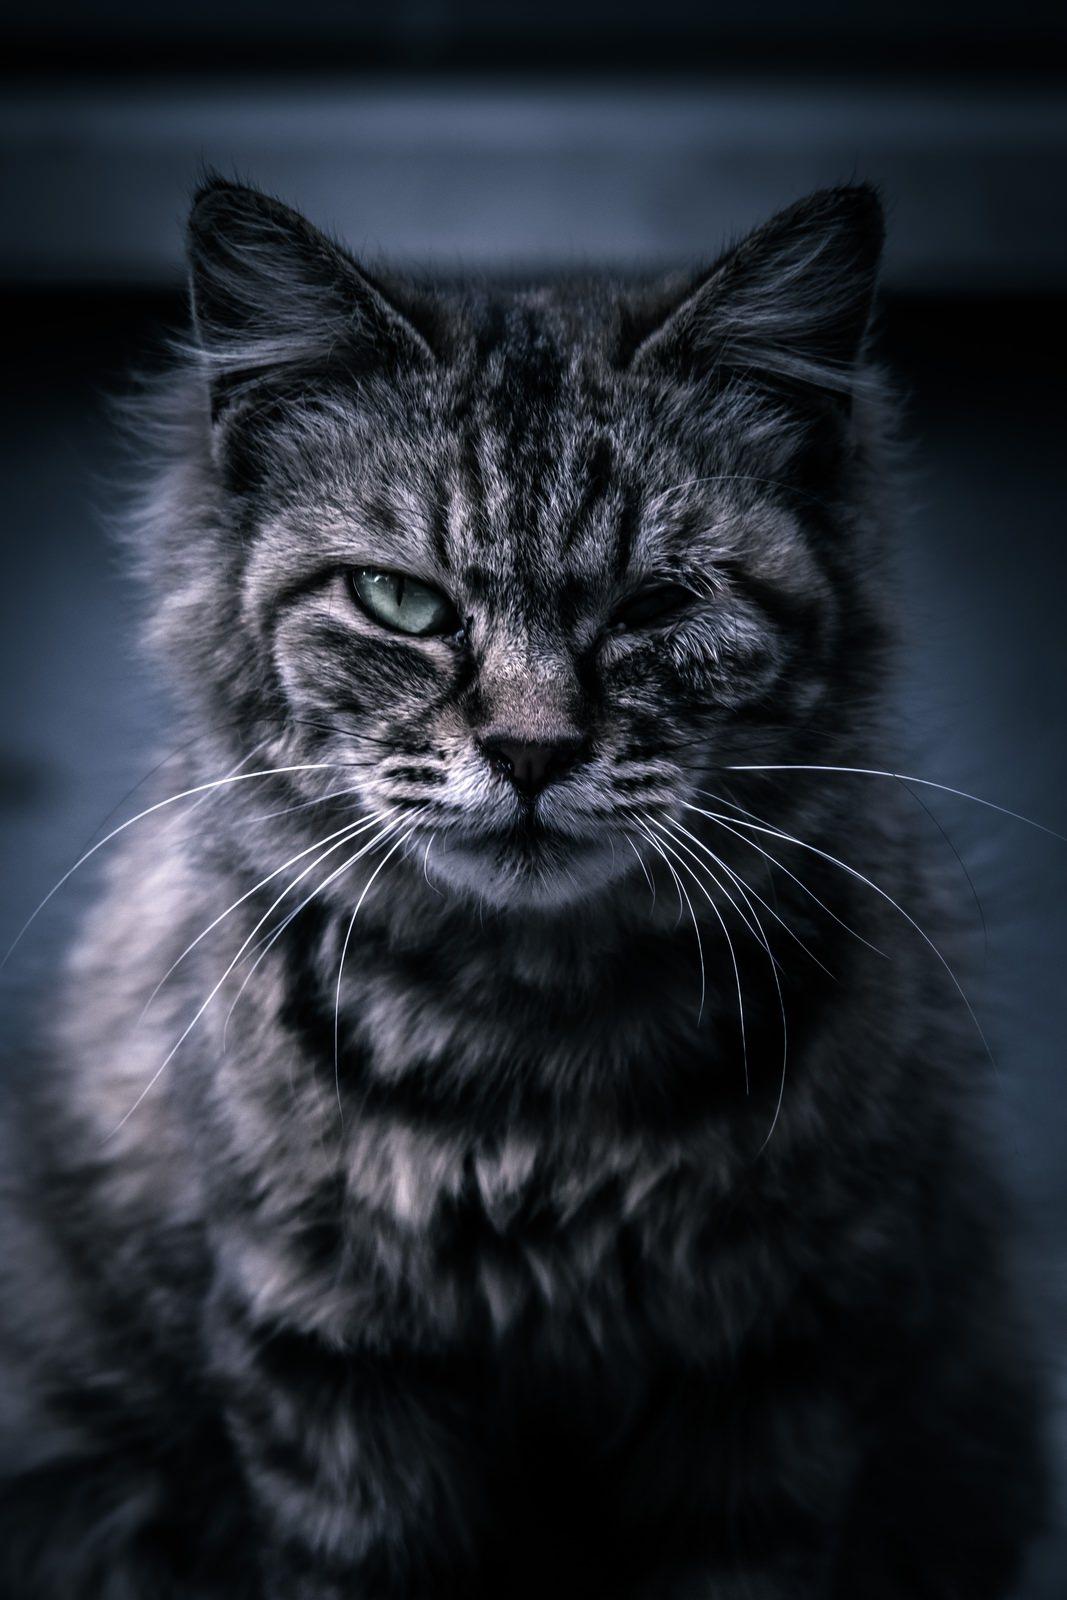 ゴロツキ猫ゴロツキ猫